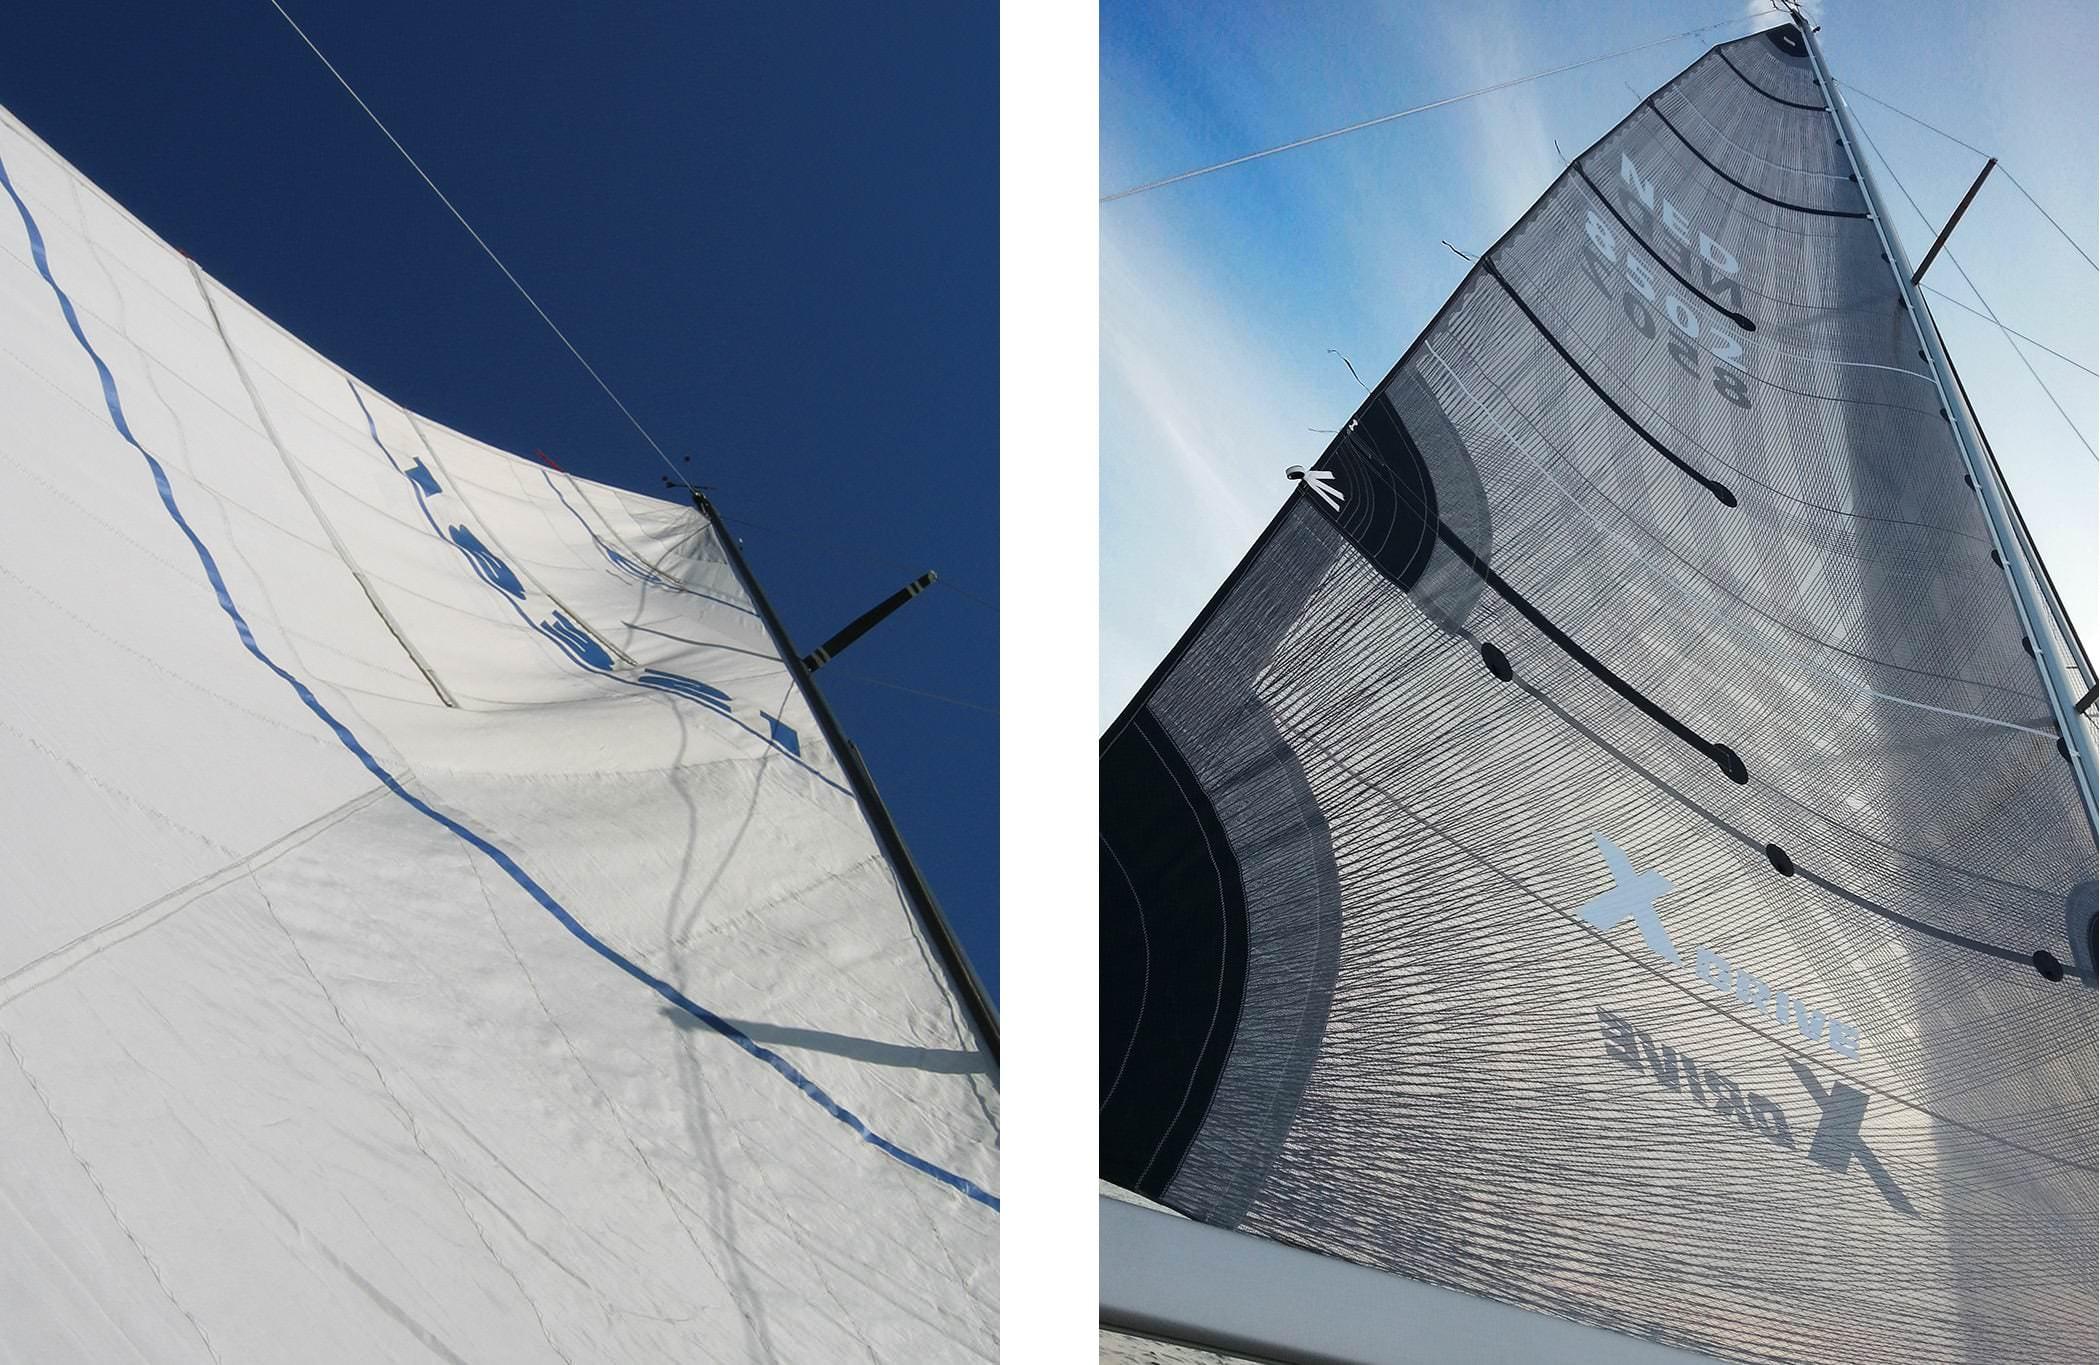 Det urblåsta storseglet till vänster visar på rynkor och en form i seglet där buken hamnat för långt akter ut. Detta hindrar seglet att fungera rent aerodynamiskt. Jämför istället detta med seglet till höger som är slätt X-Drive segel med buken på rätt ställe.